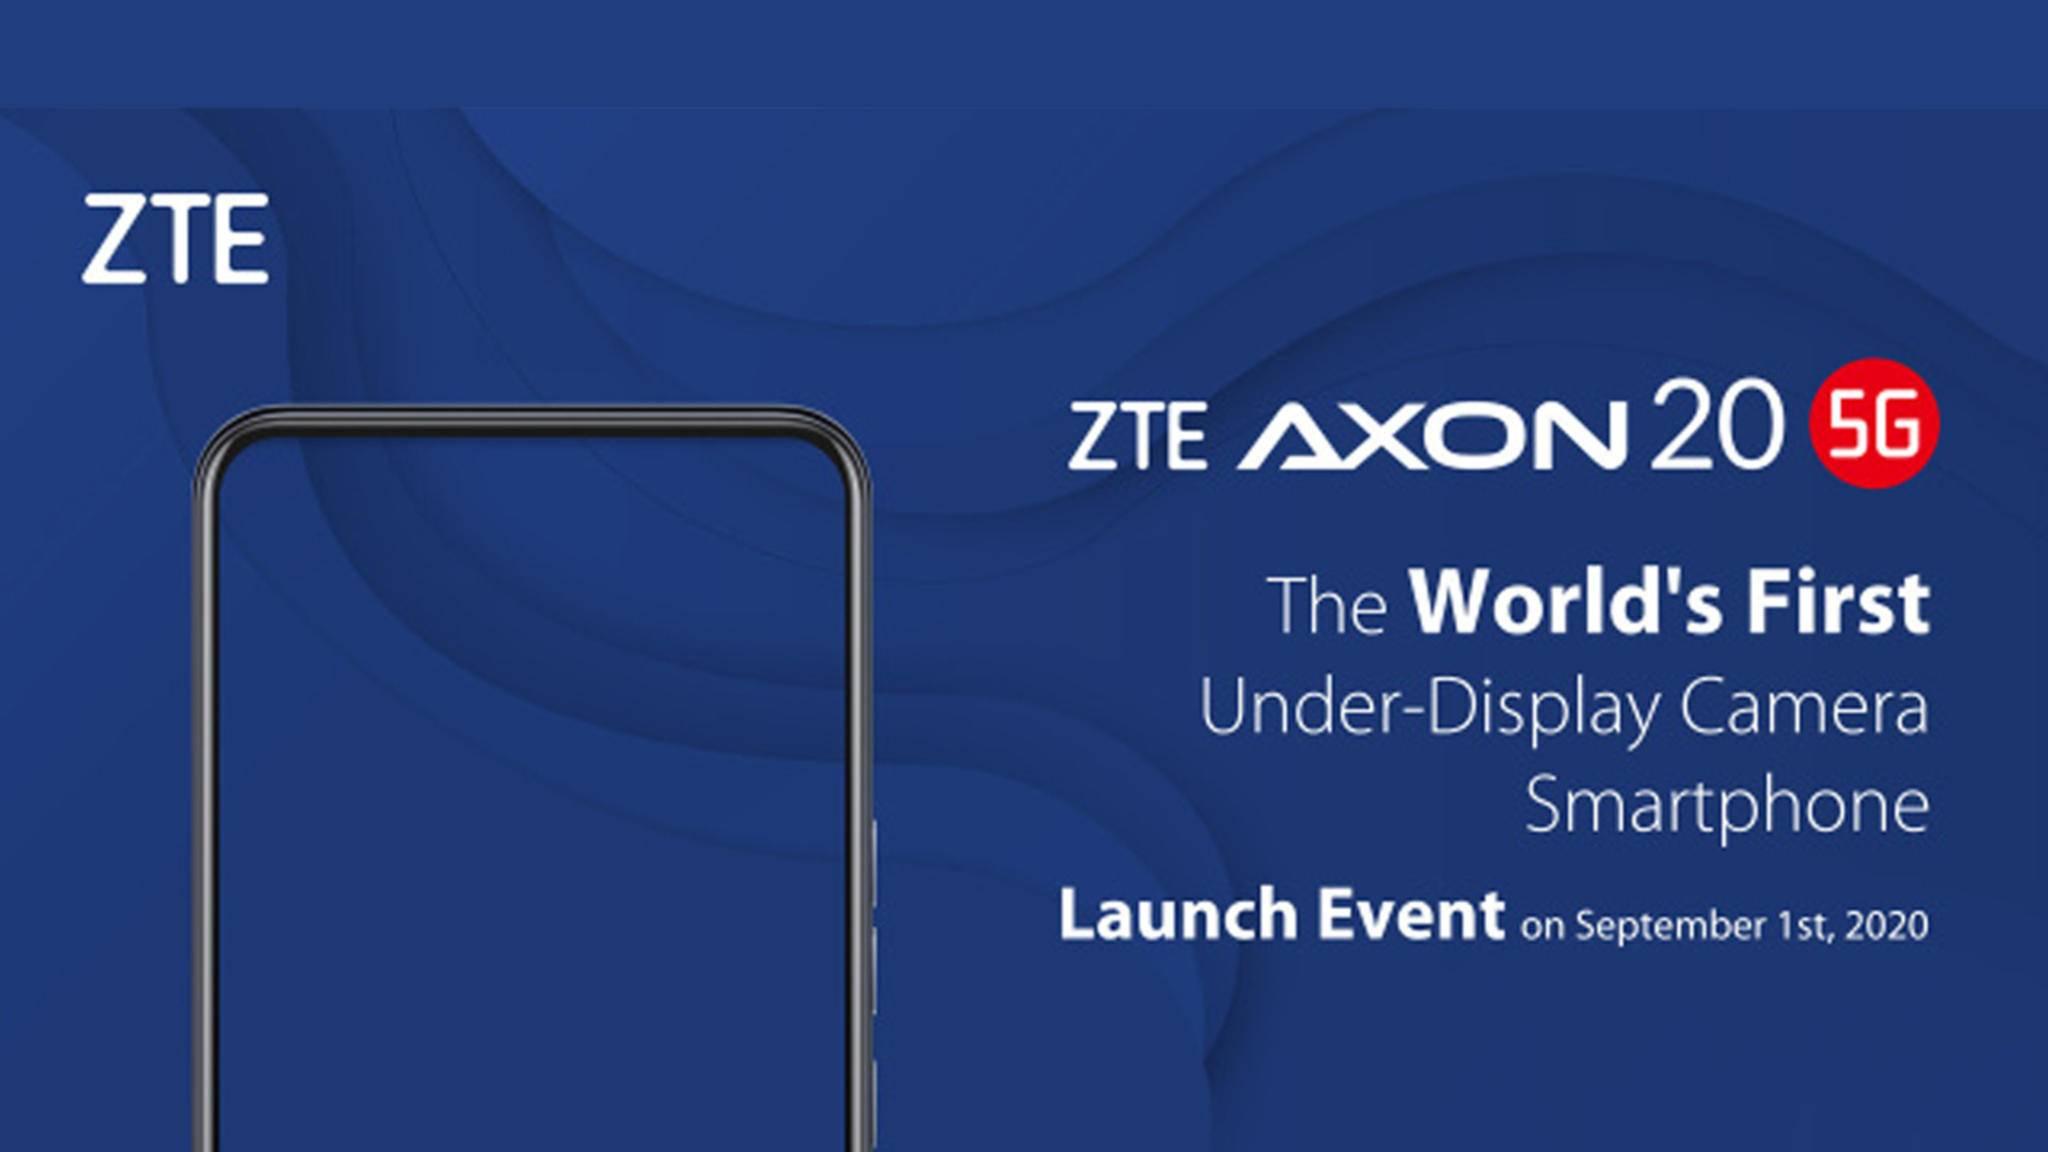 ZTE will am 1. September das erste Smartphone mit In-Display-Kamera vorstellen.